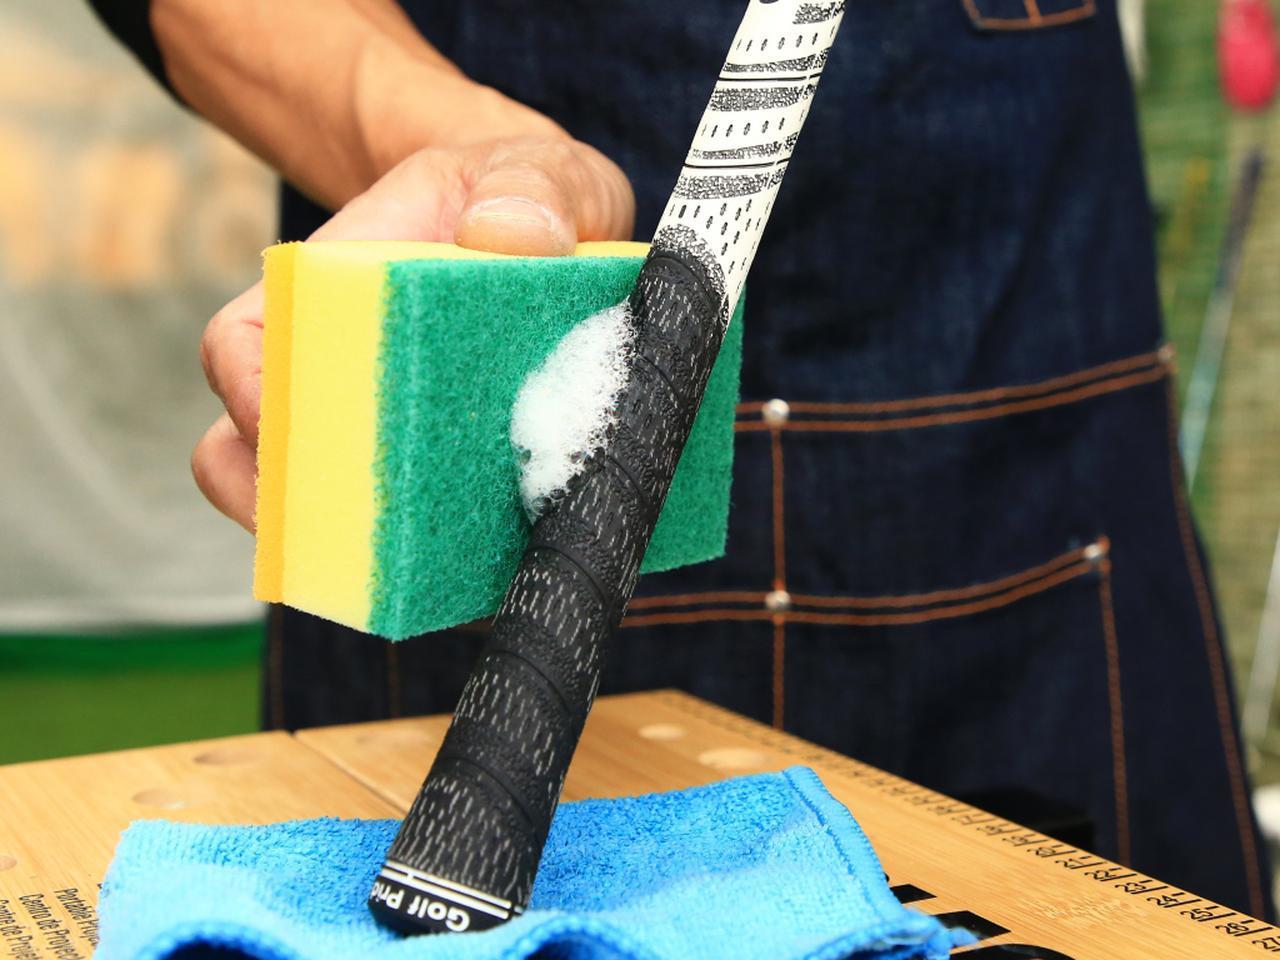 画像: 中性洗剤を付けたタオルやスポンジで